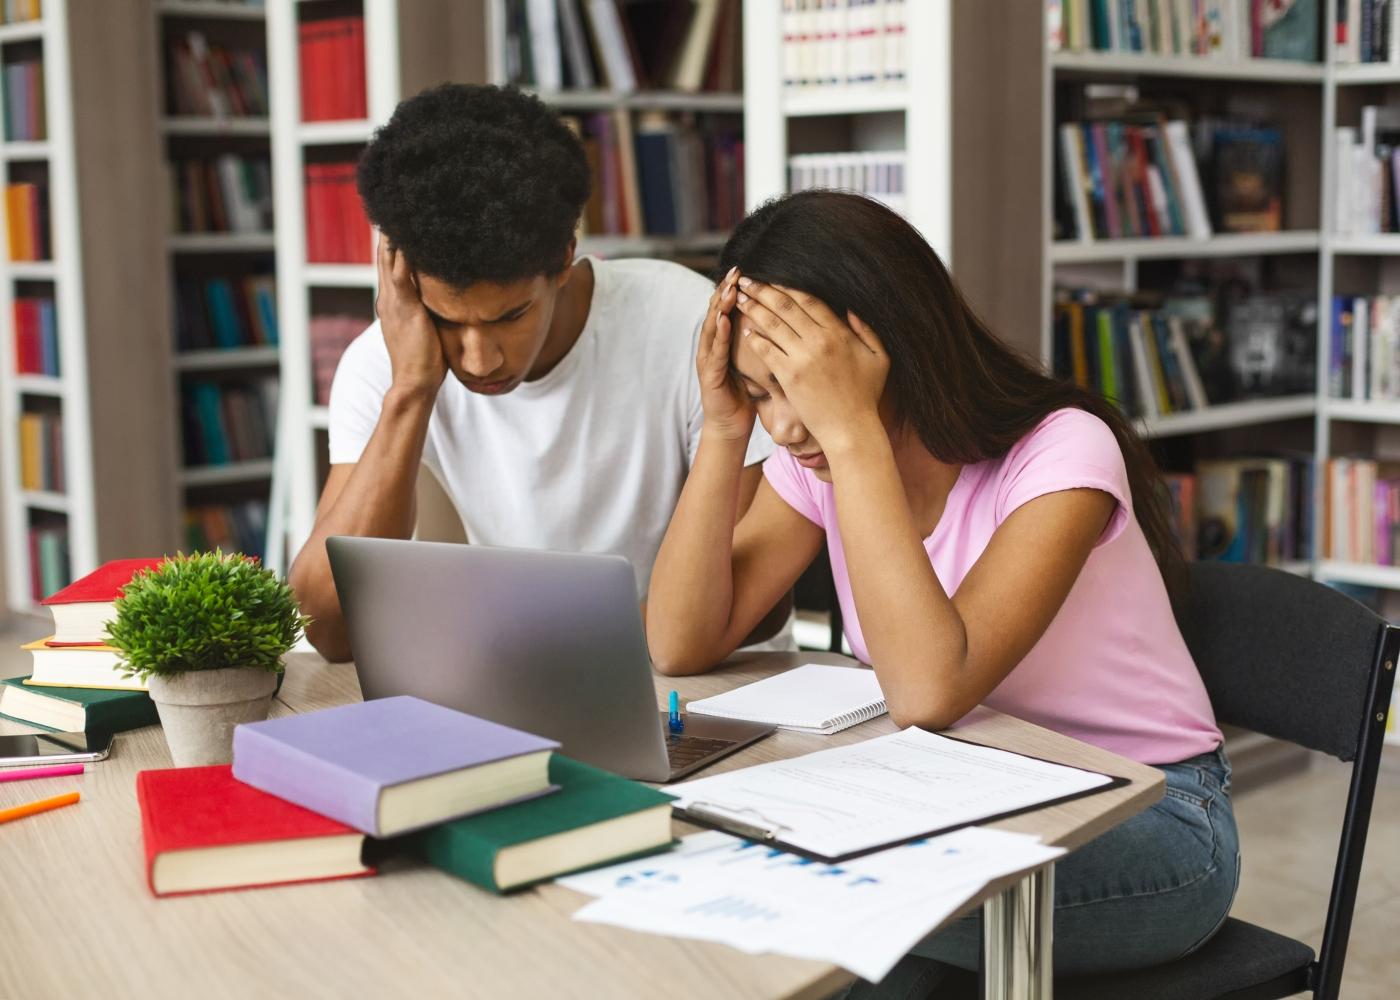 estudantes na biblioteca cansados